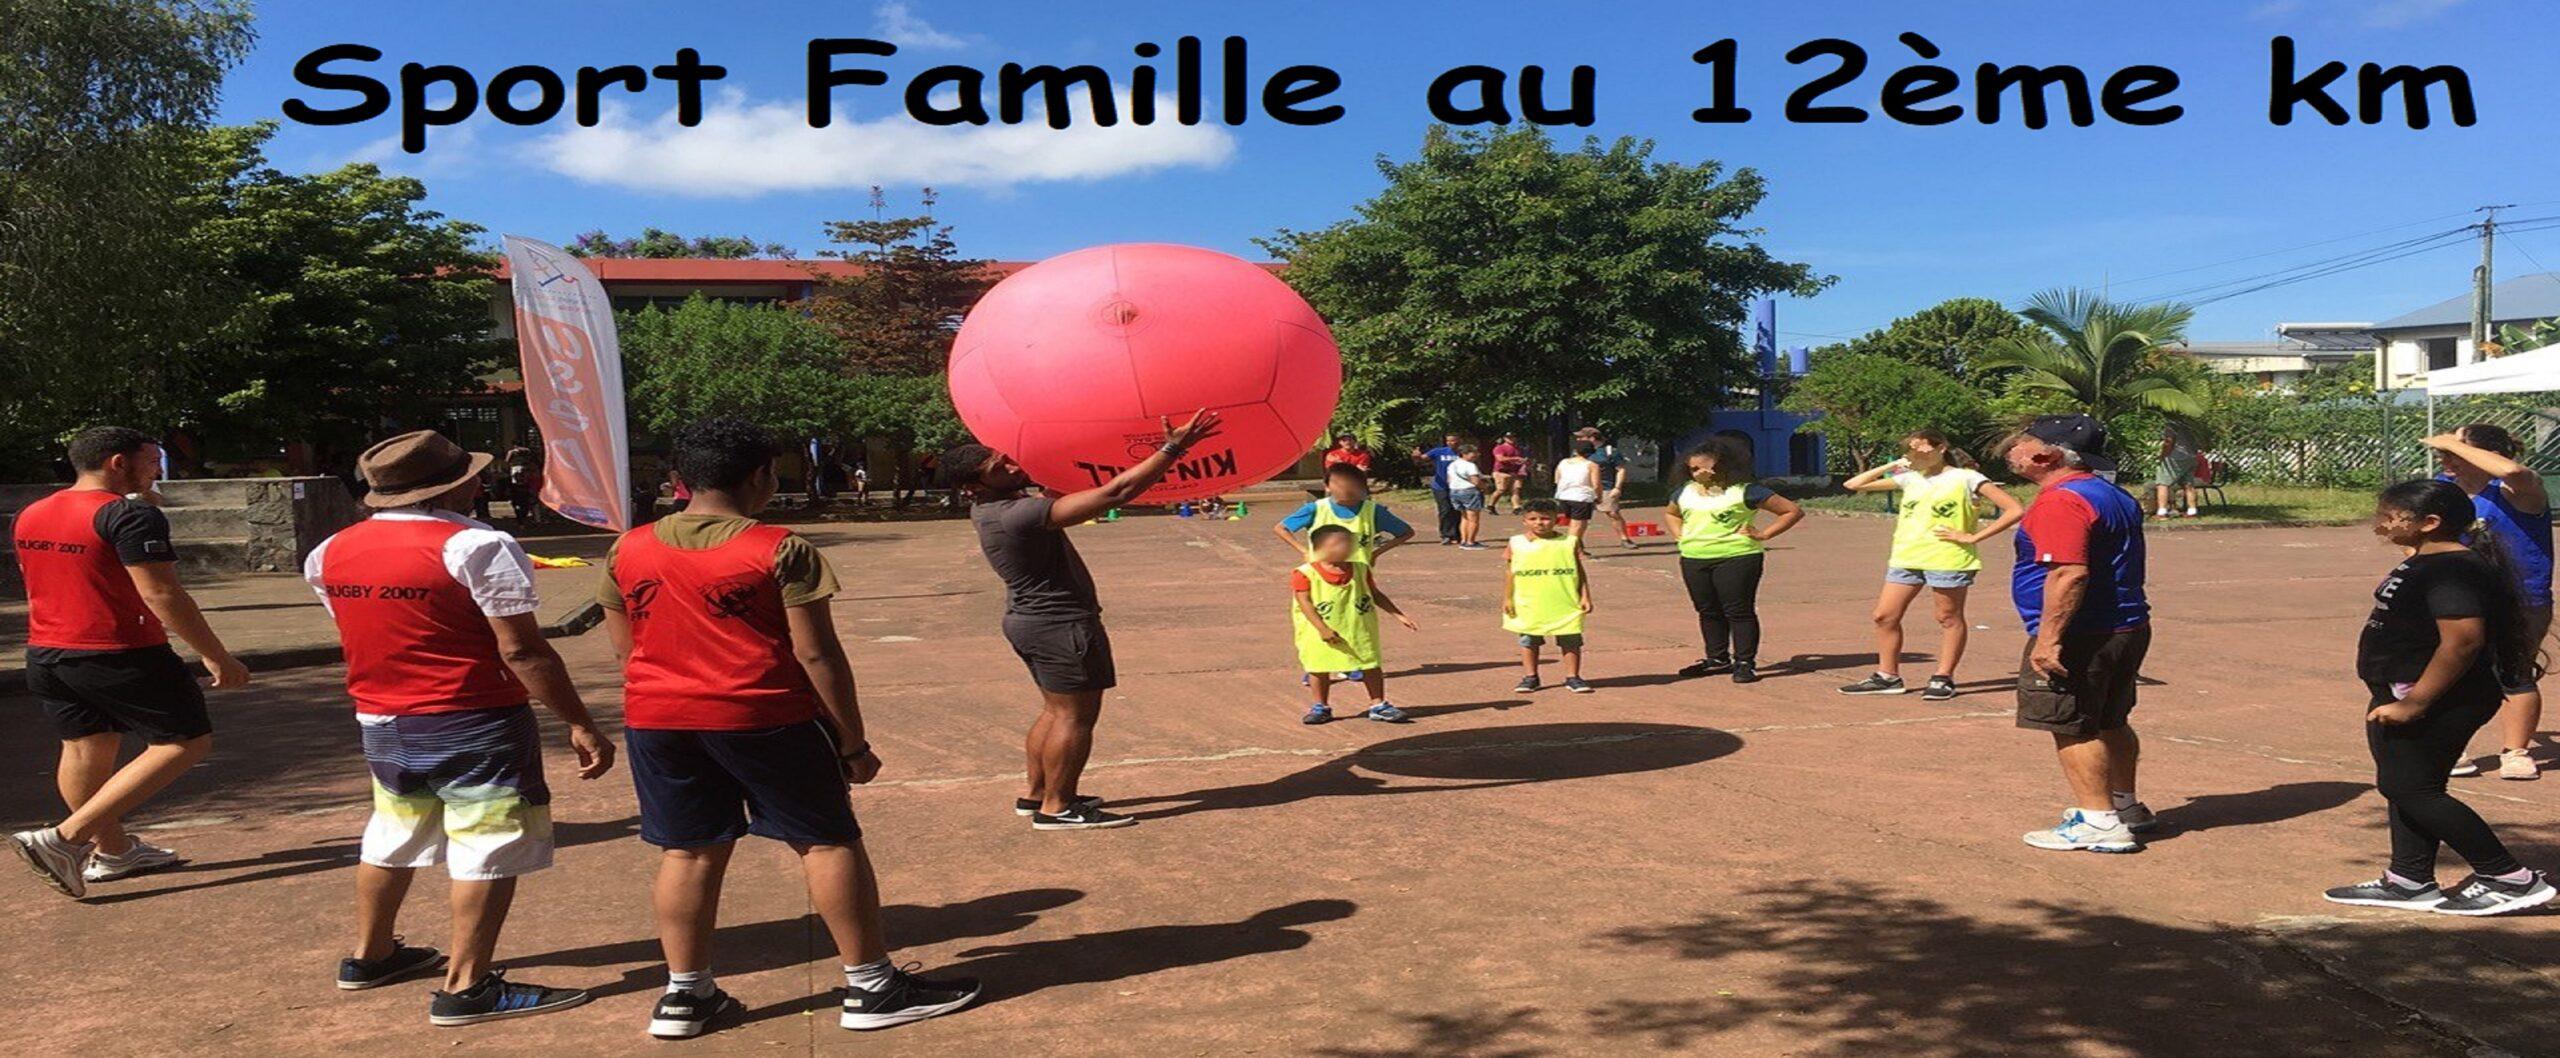 Sport Famille au 12ème km